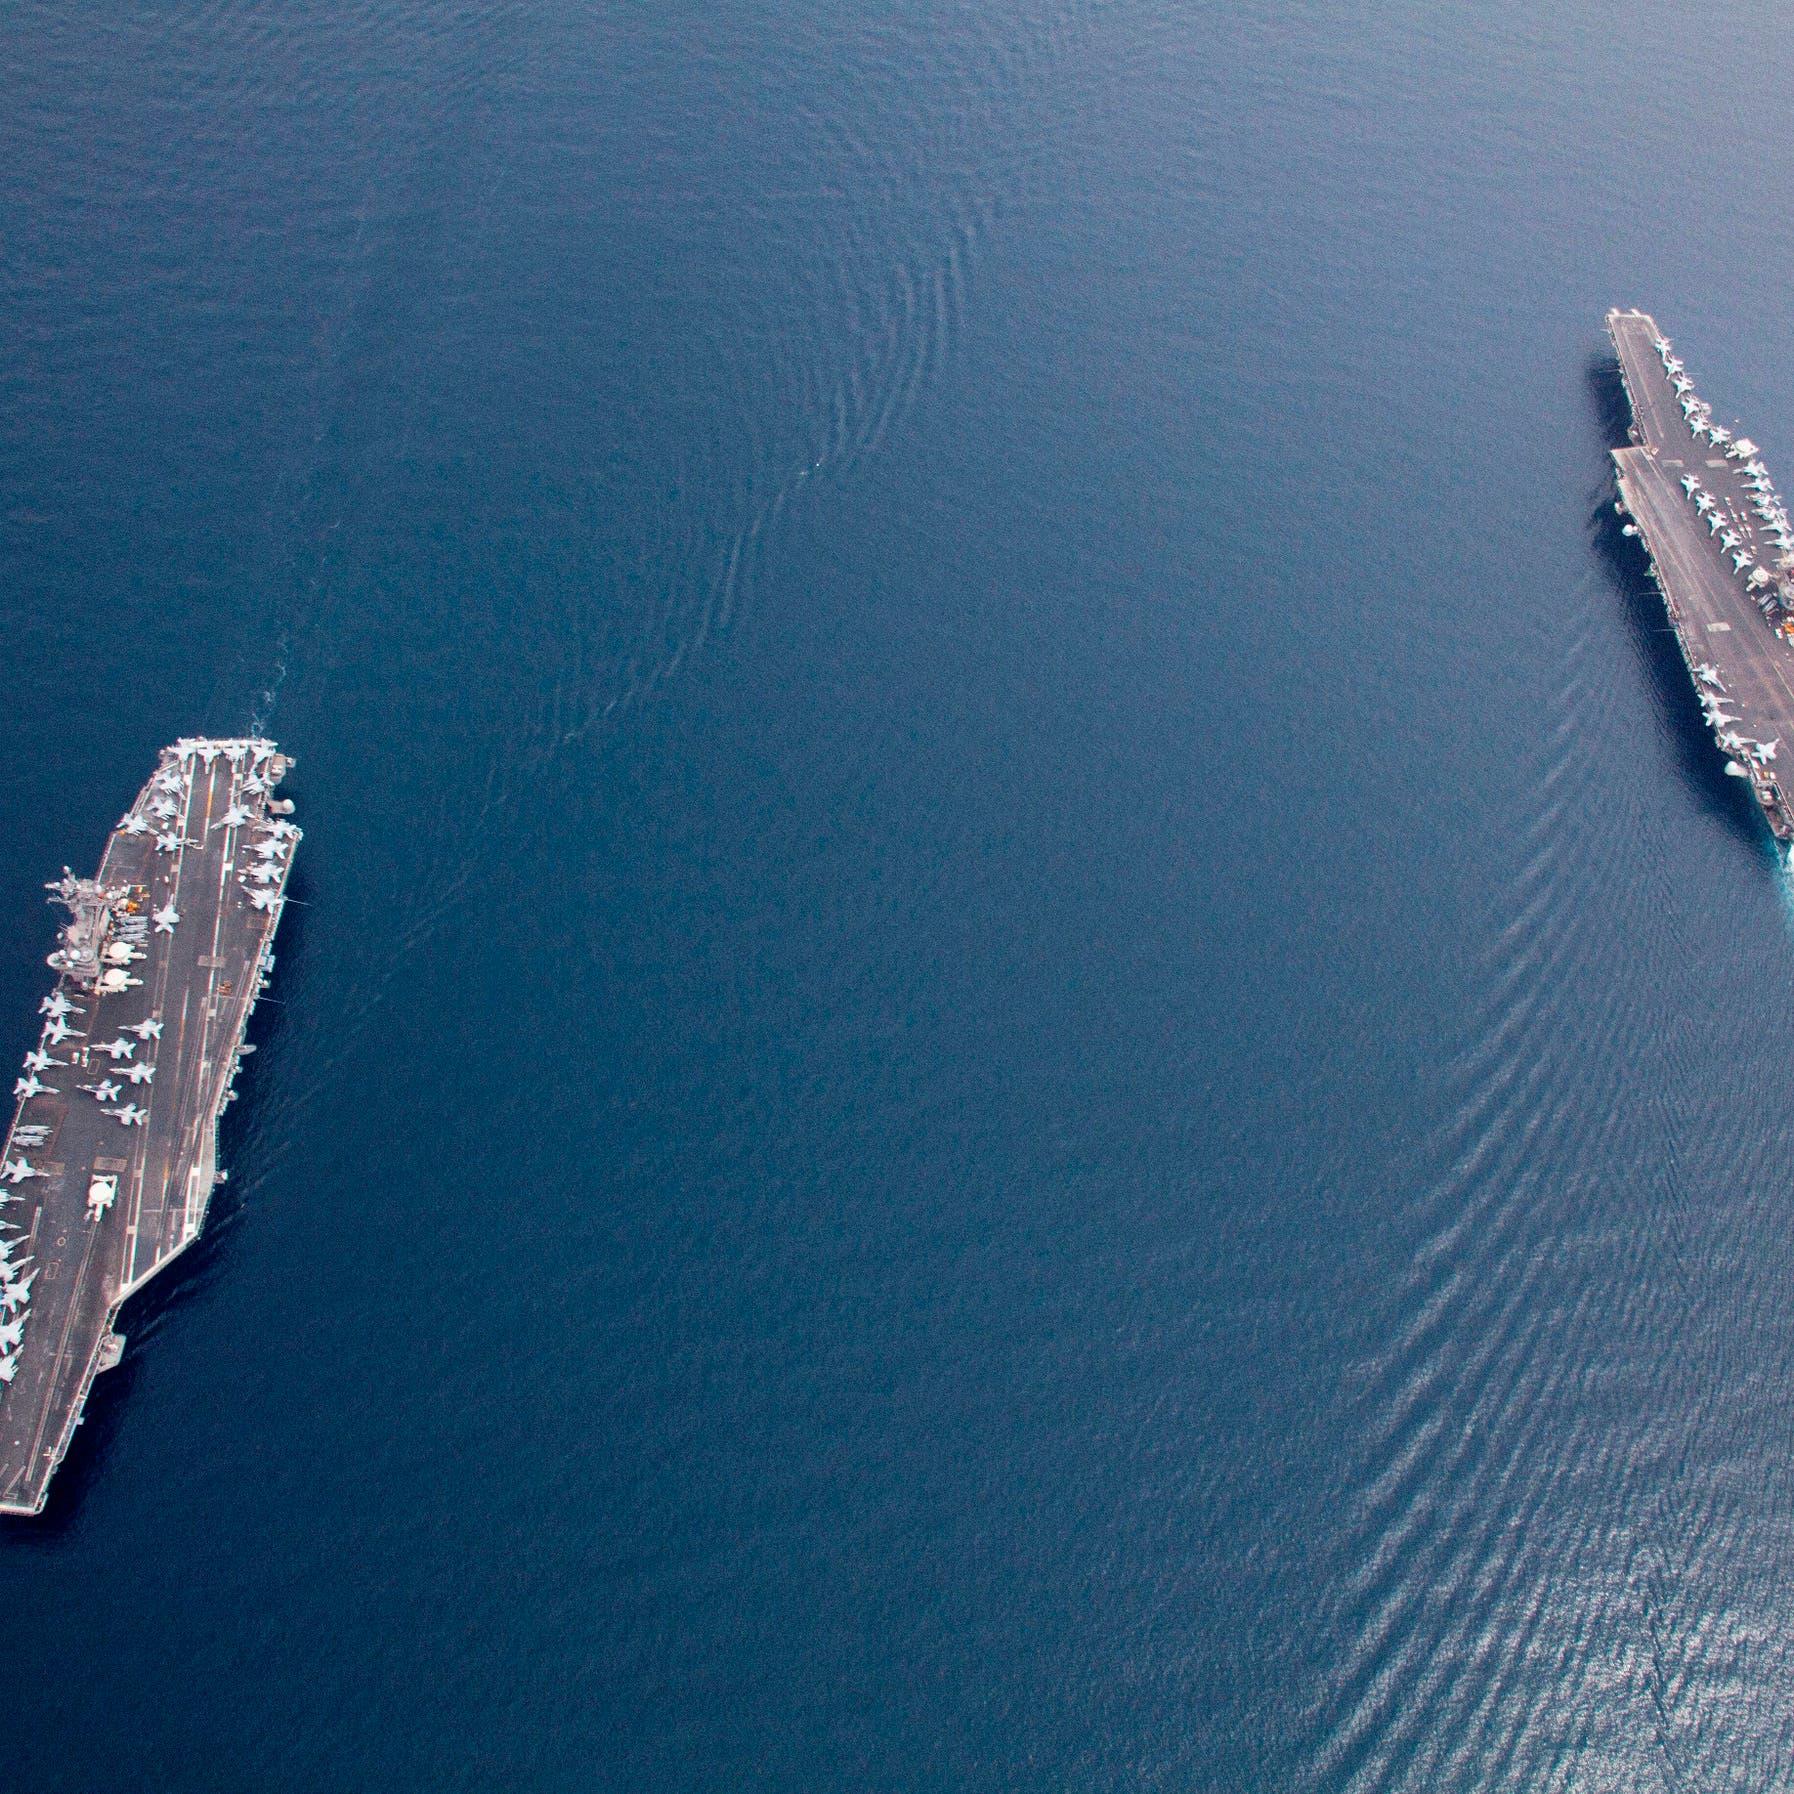 التحالف: مليشيات الحوثي تهدد الأمن البحري بدعم إيراني